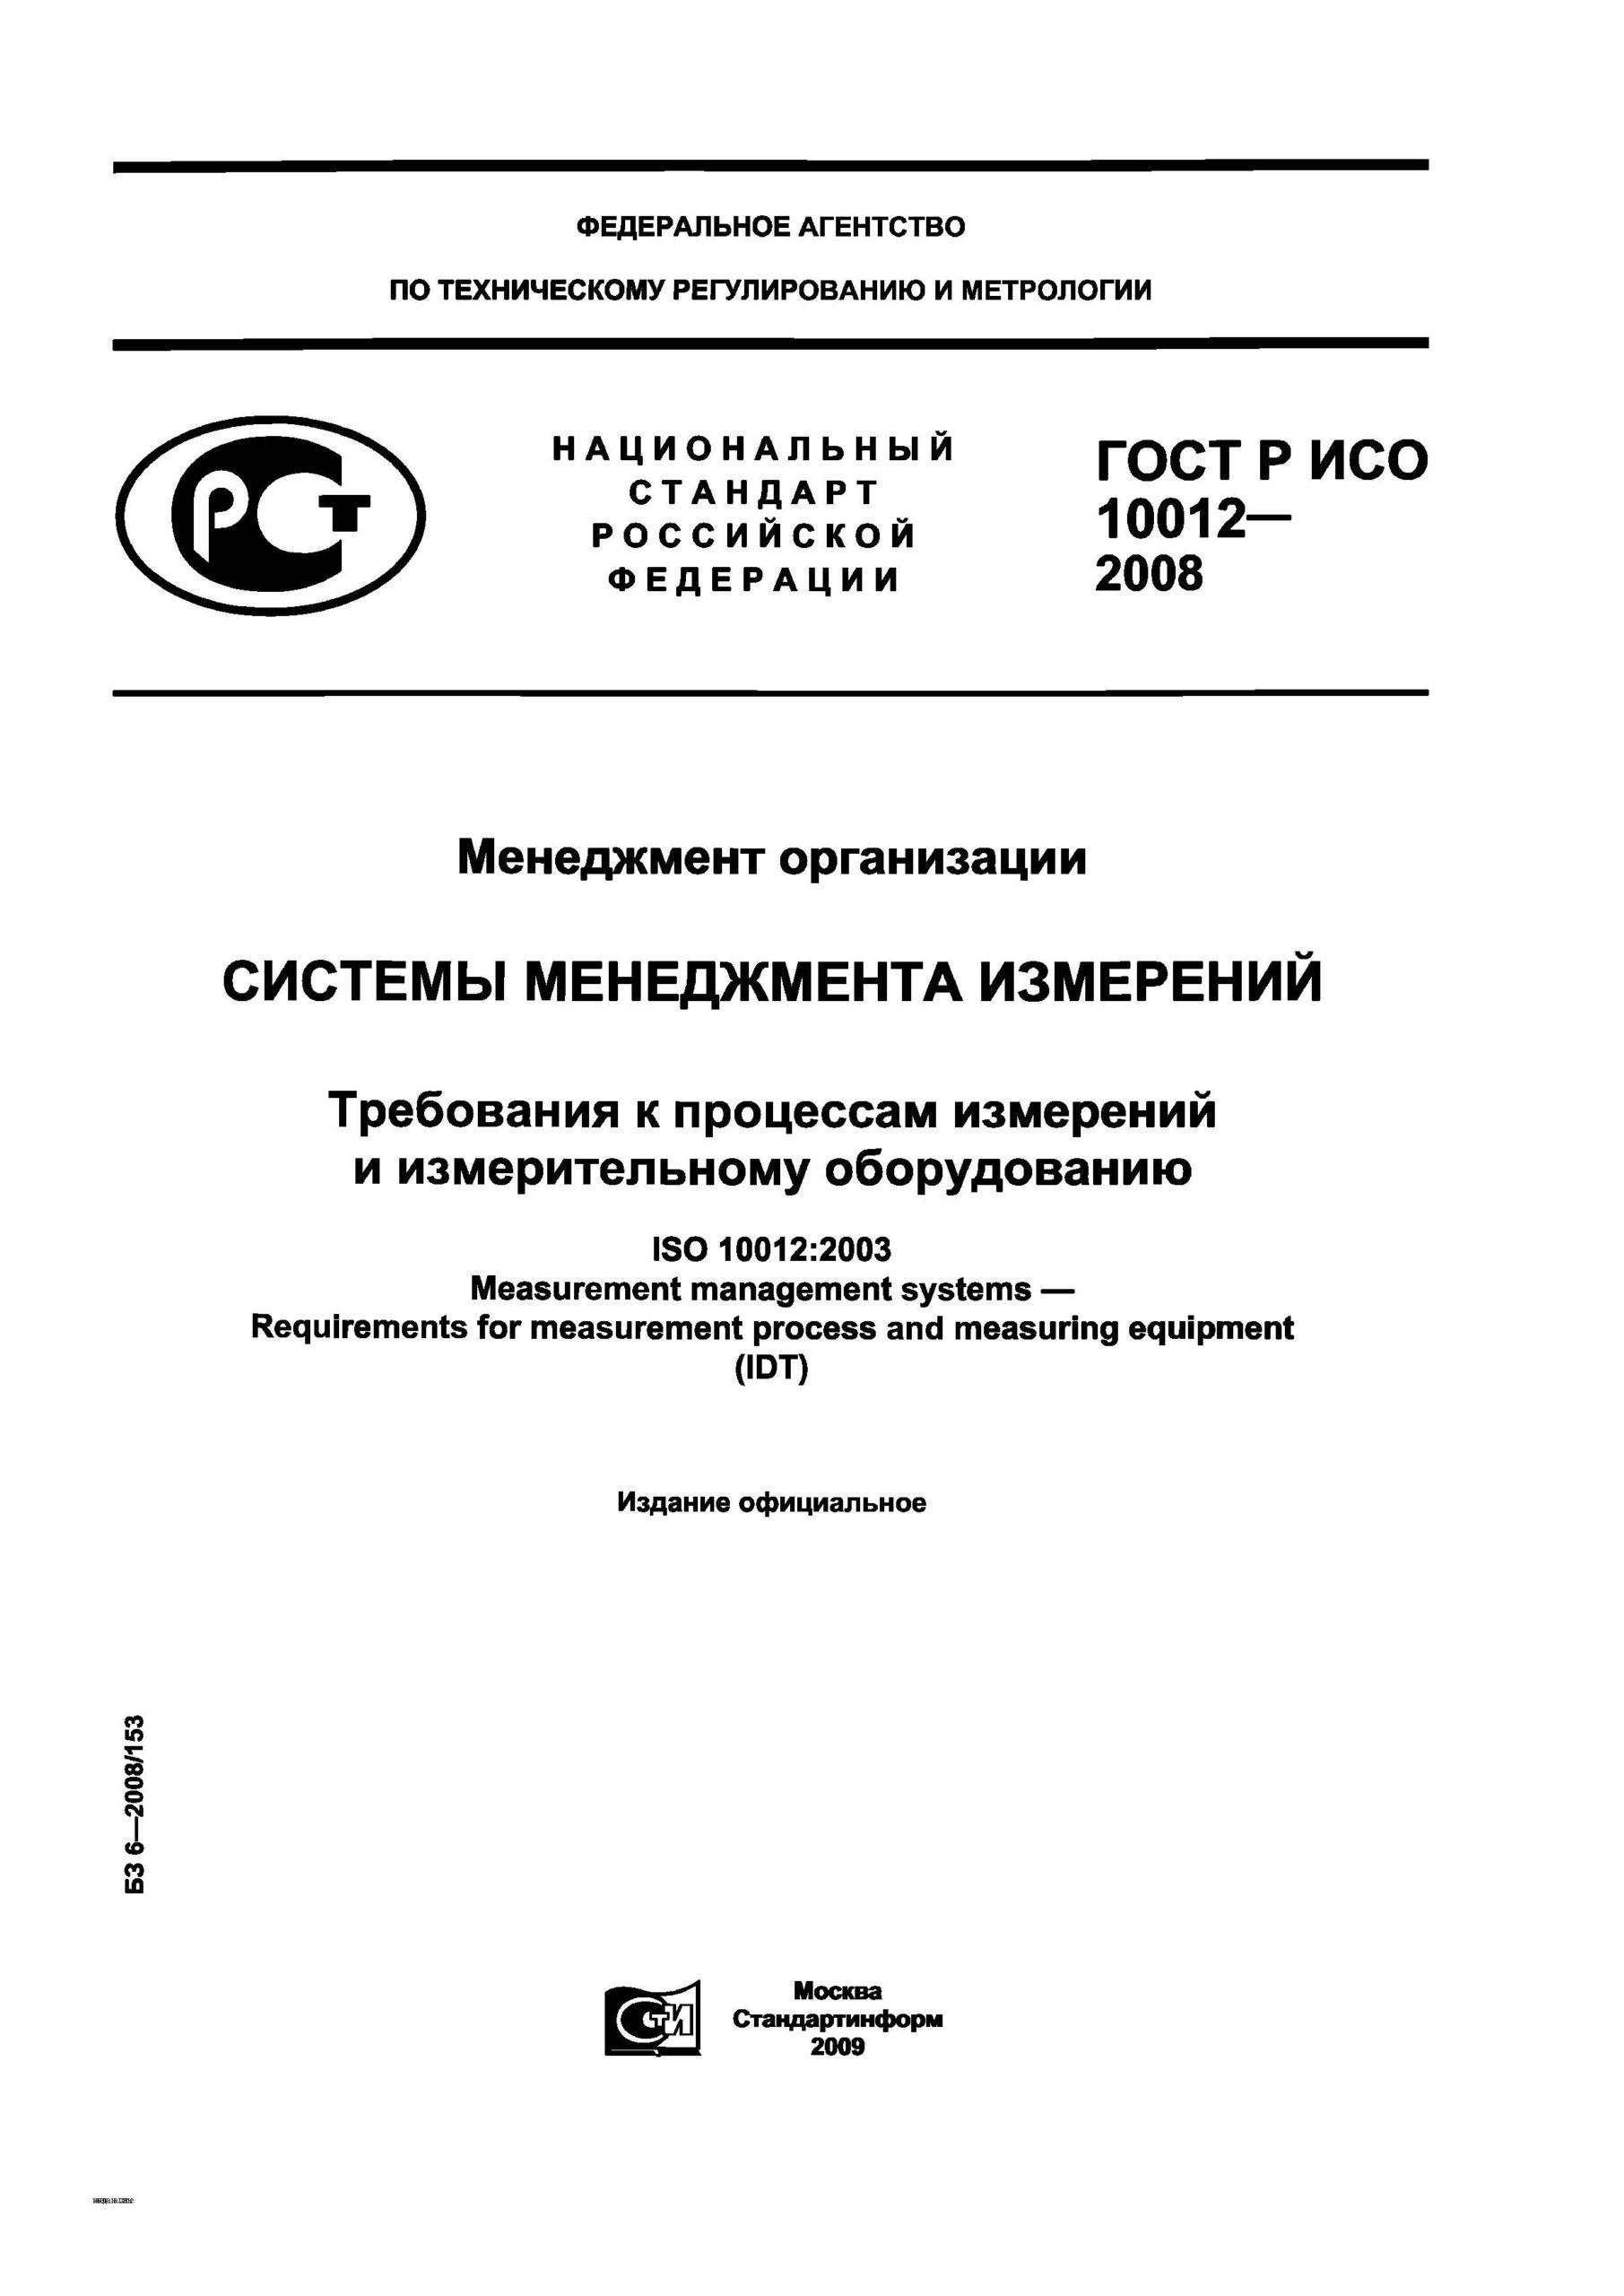 ГОСТ Р ИСО 10012-2008